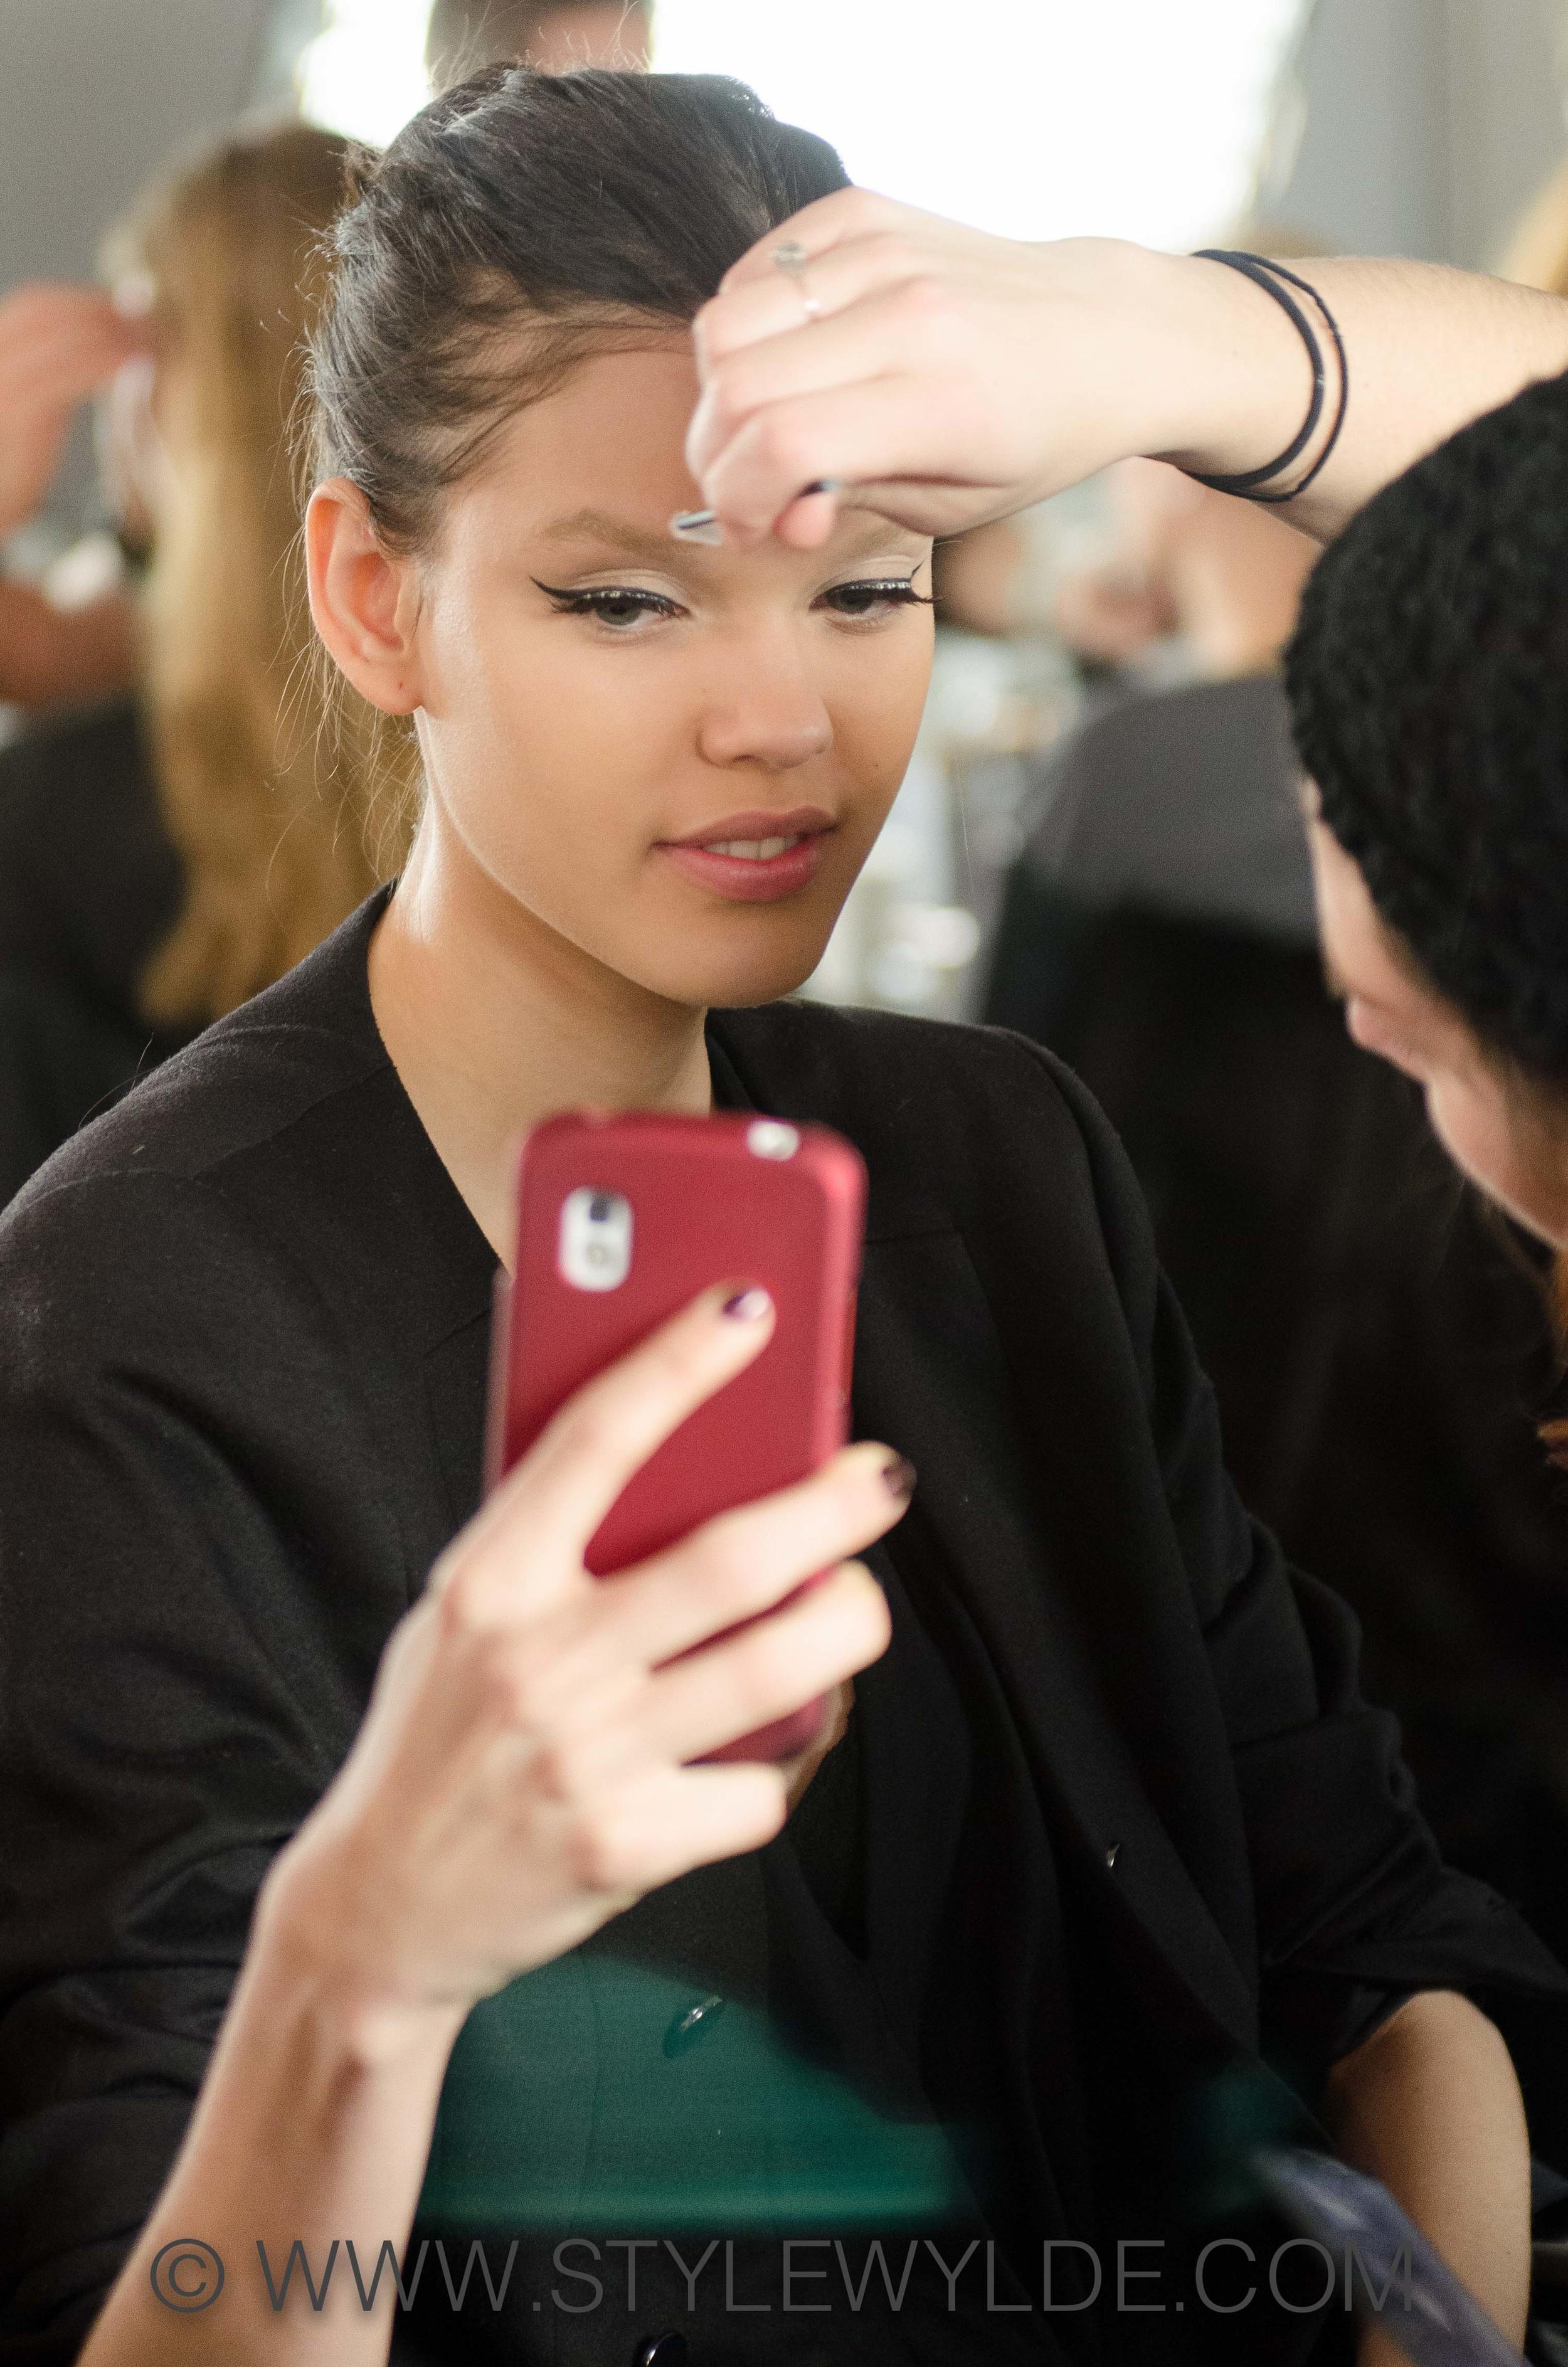 Stylewylde_Blonds_beauty_brows1 1 of 1.jpg